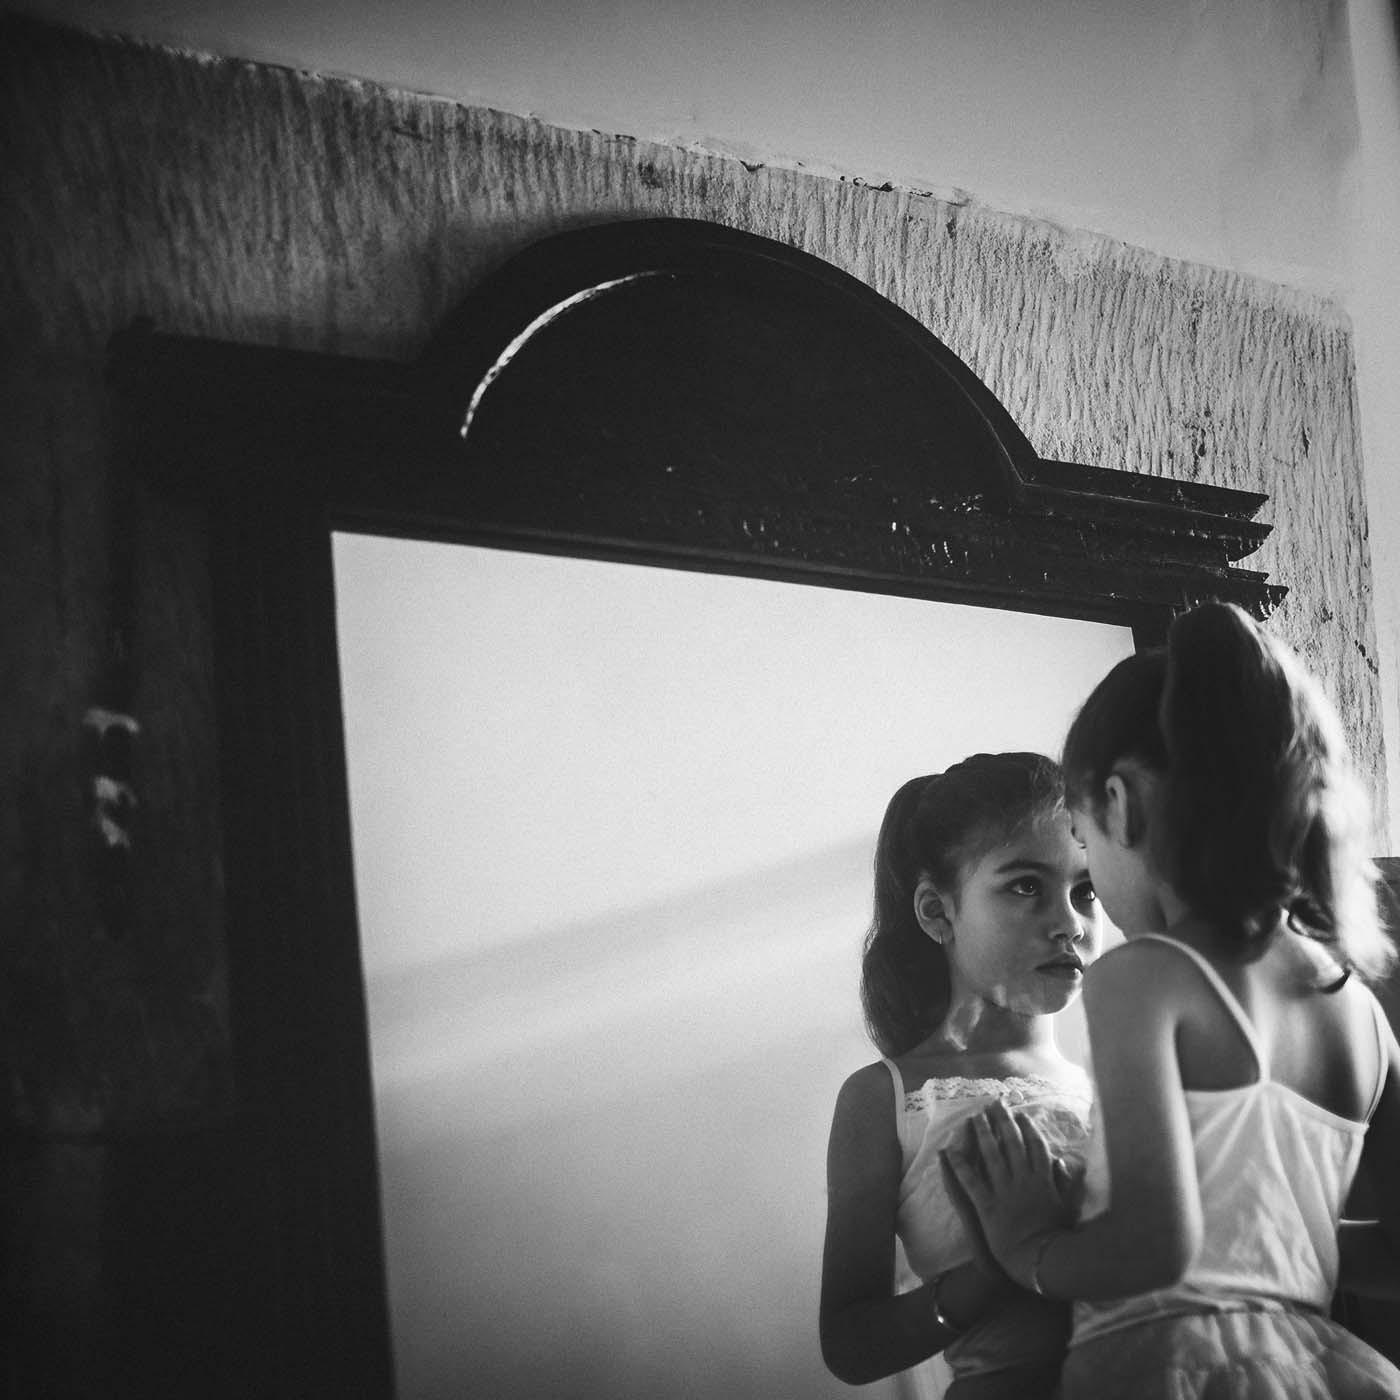 Reflect by Emma Wood